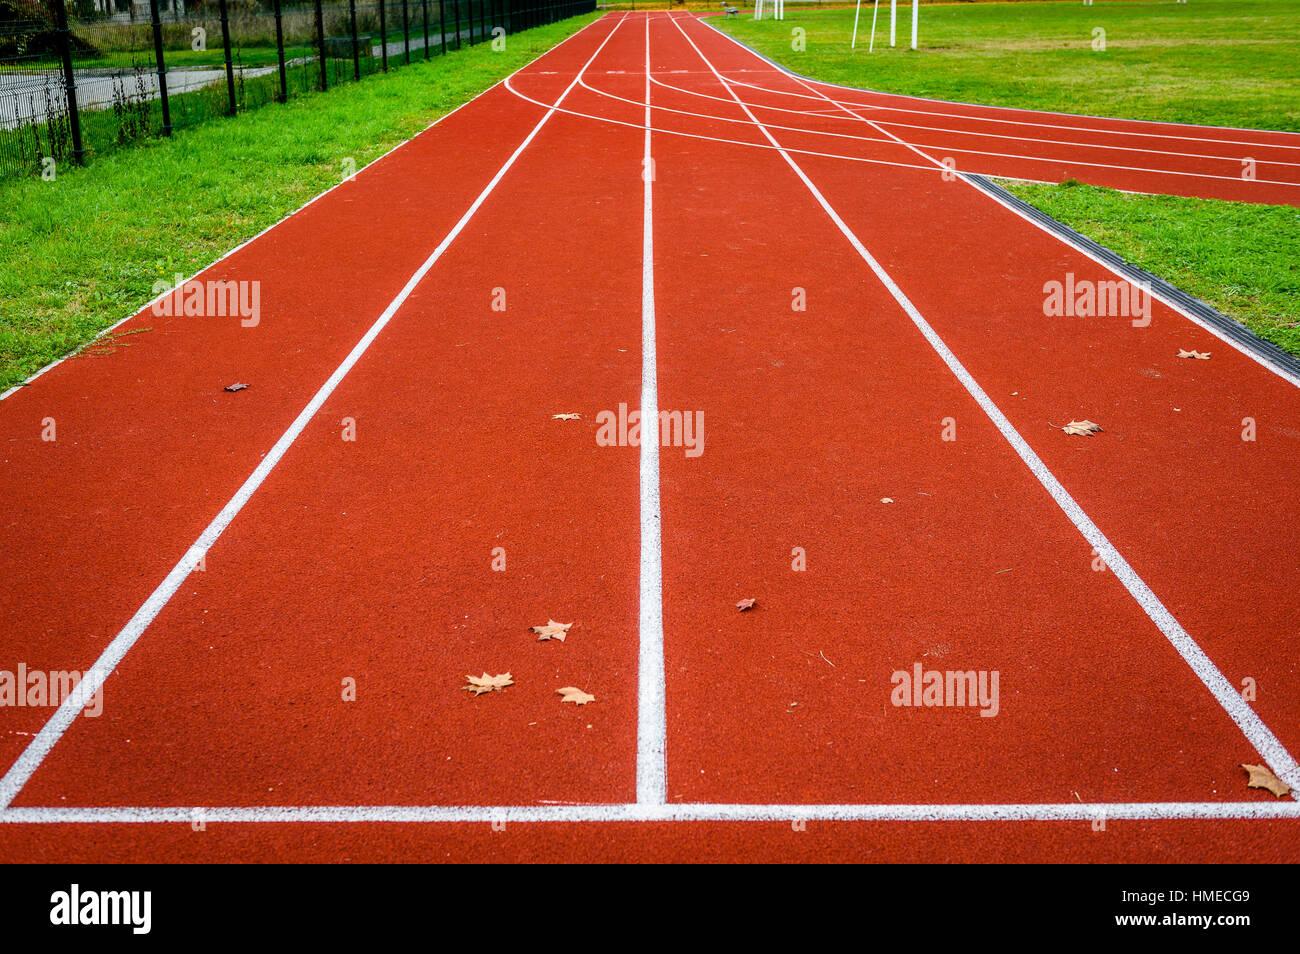 Hojas de arce en la pista de atletismo en el estadio de atletismo. Ejecutar una nueva pista o instalación deportiva Imagen De Stock